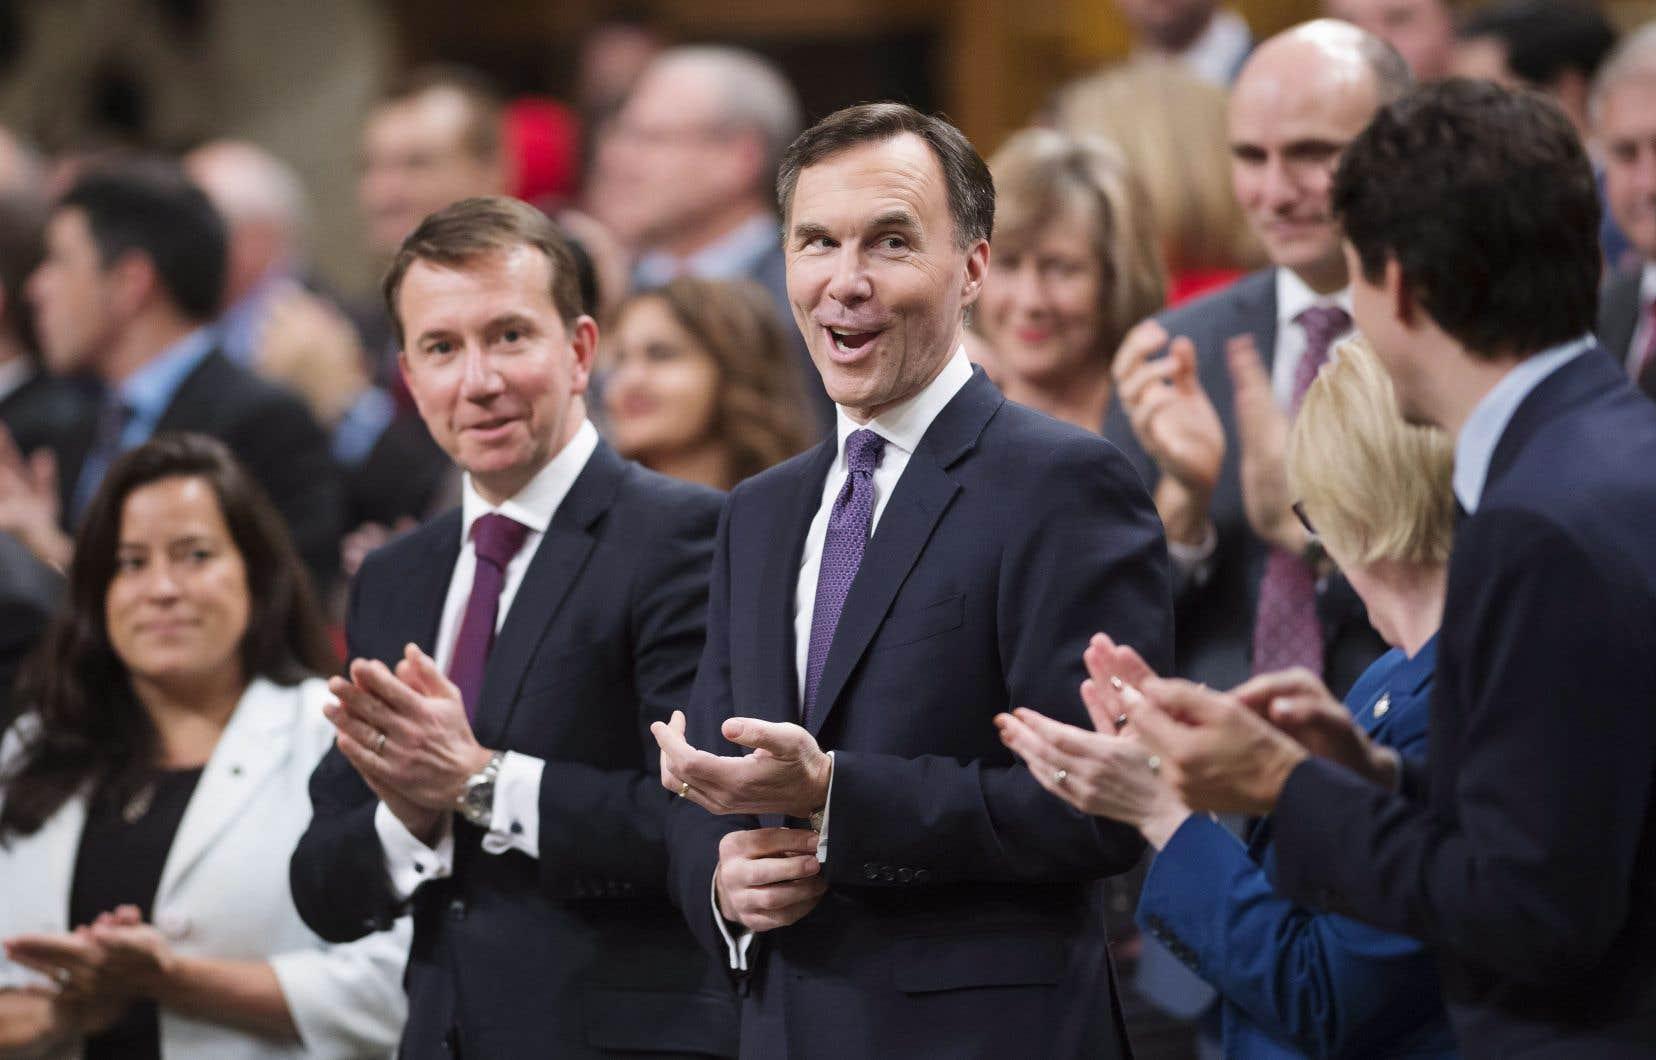 «Il est nécessaire d'avoir la possibilité pour une PME de faire des investissements», a dit le ministre Bill Morneau. Toutefois, Ottawa estime mal avisé de permettre «la possibilité de détenir une société privée juste pour épargner beaucoup plus d'argent».